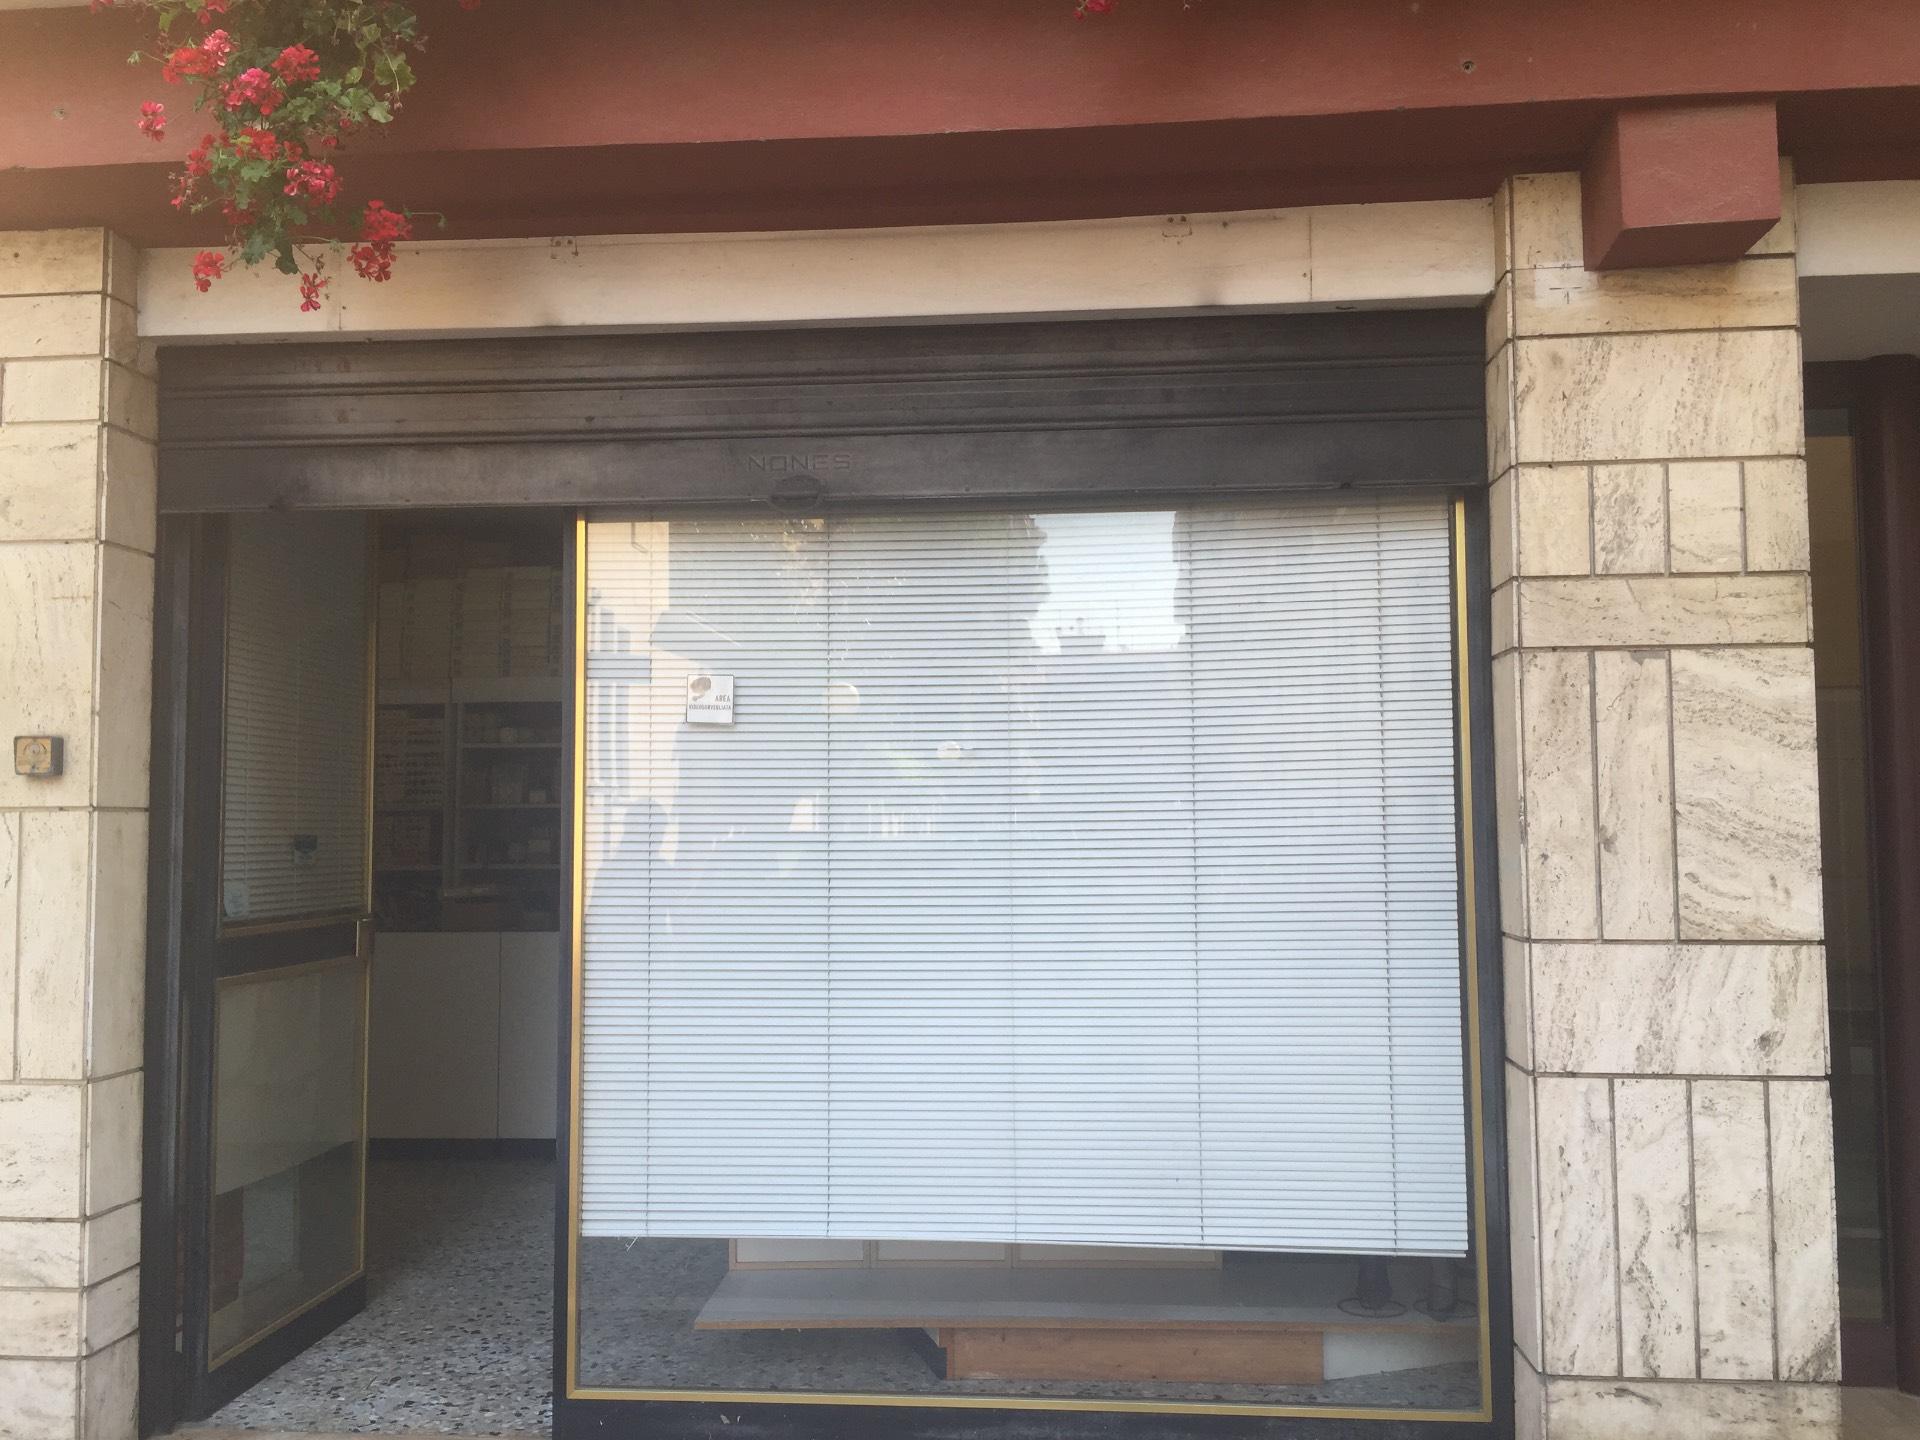 Negozio / Locale in vendita a Pescara, 9999 locali, prezzo € 68.000 | Cambio Casa.it